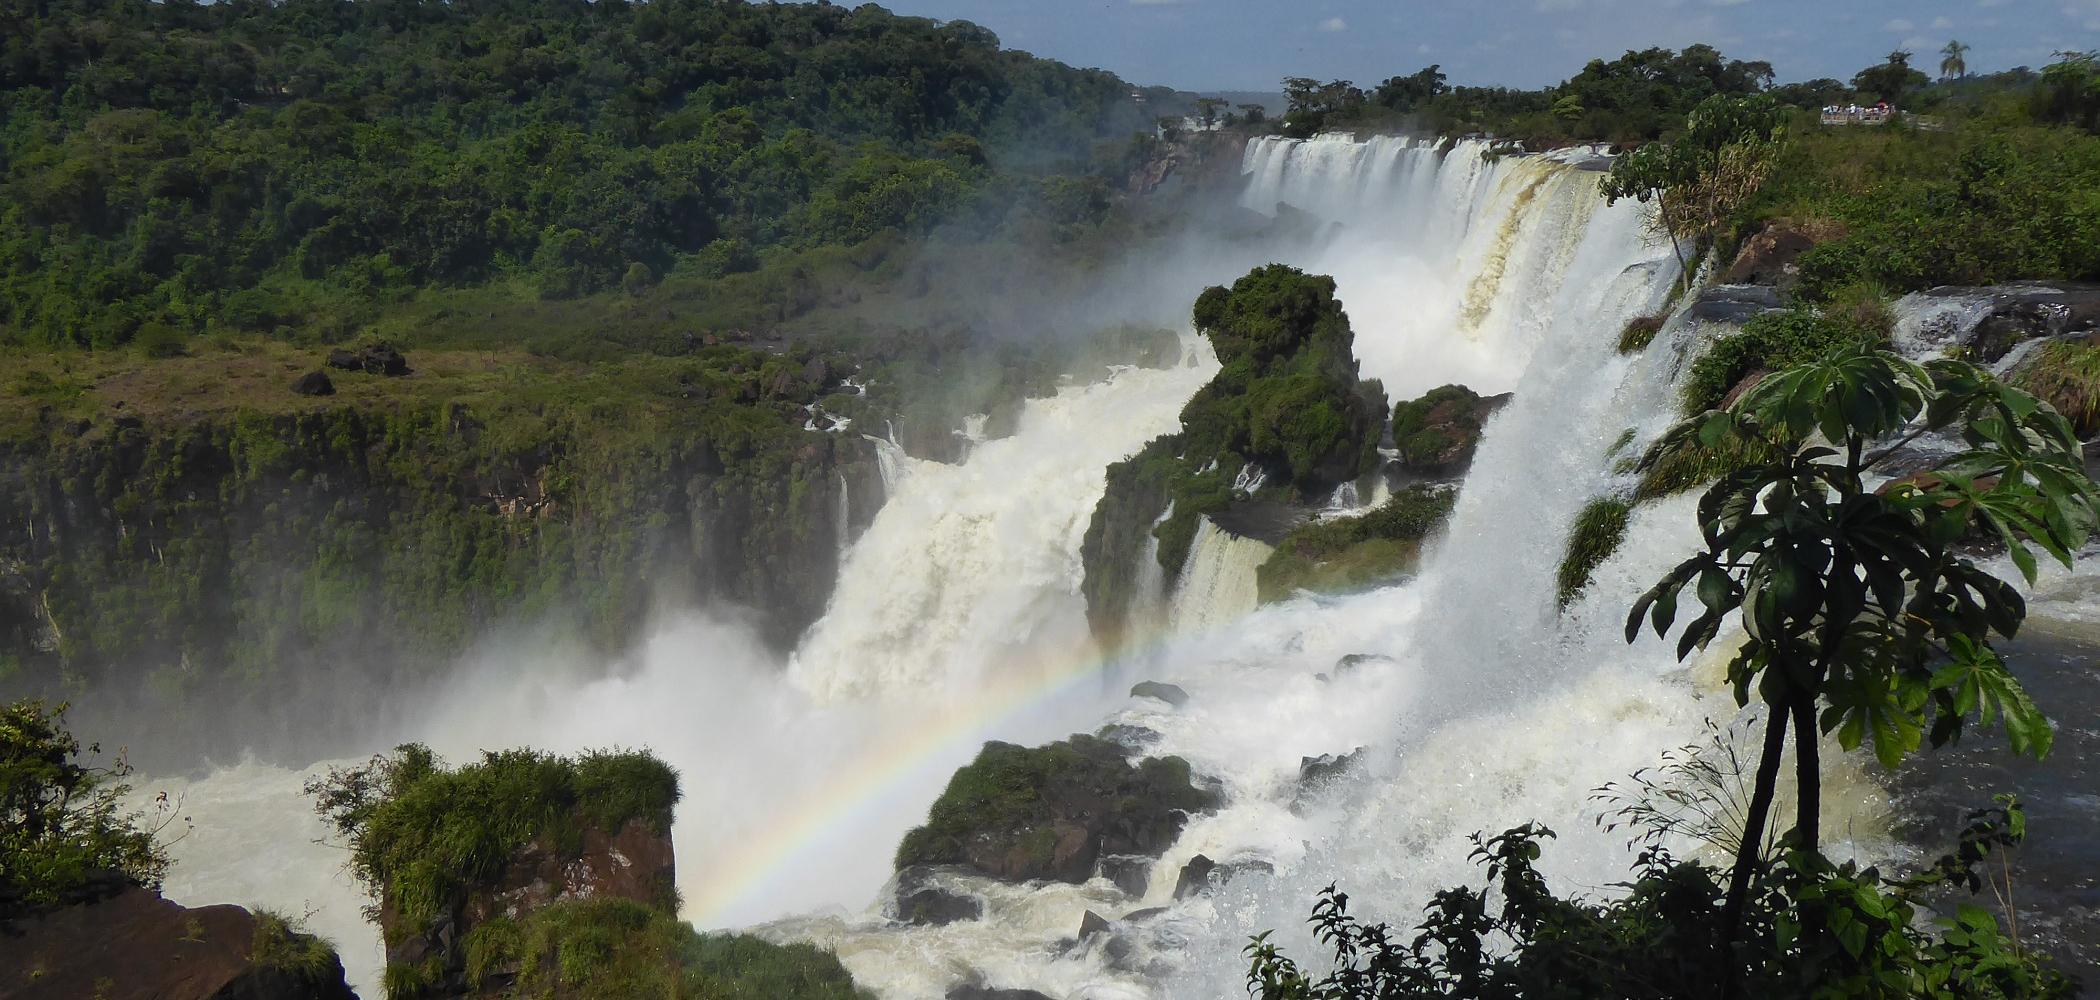 Cataratas Iguazù